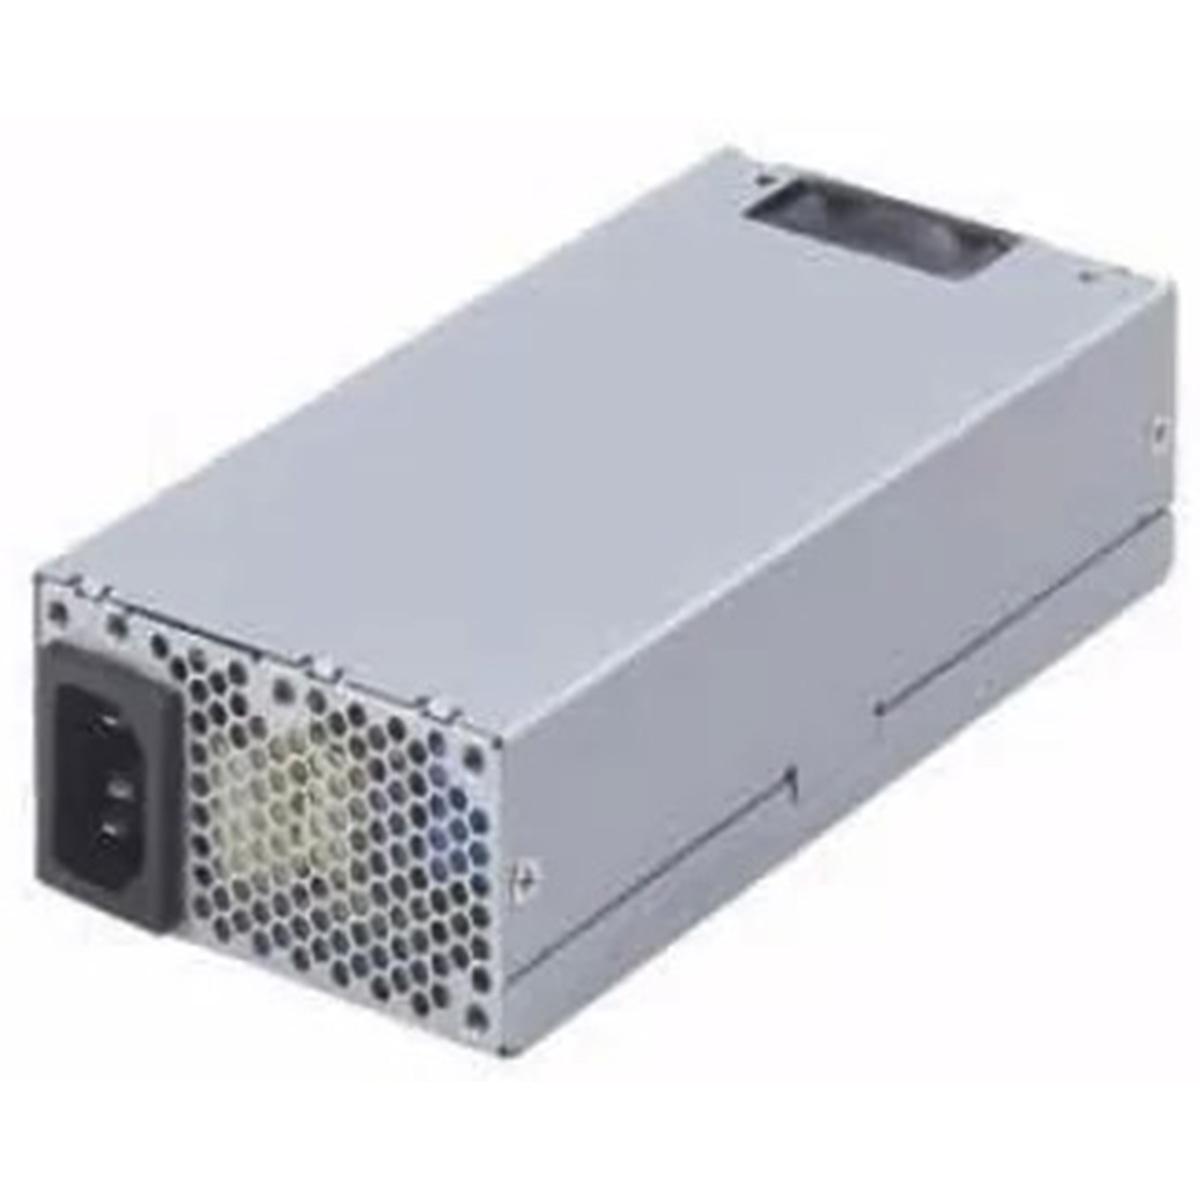 Fonte ITX FSP FSP220-60LE 220w 24 Pinos - Usada